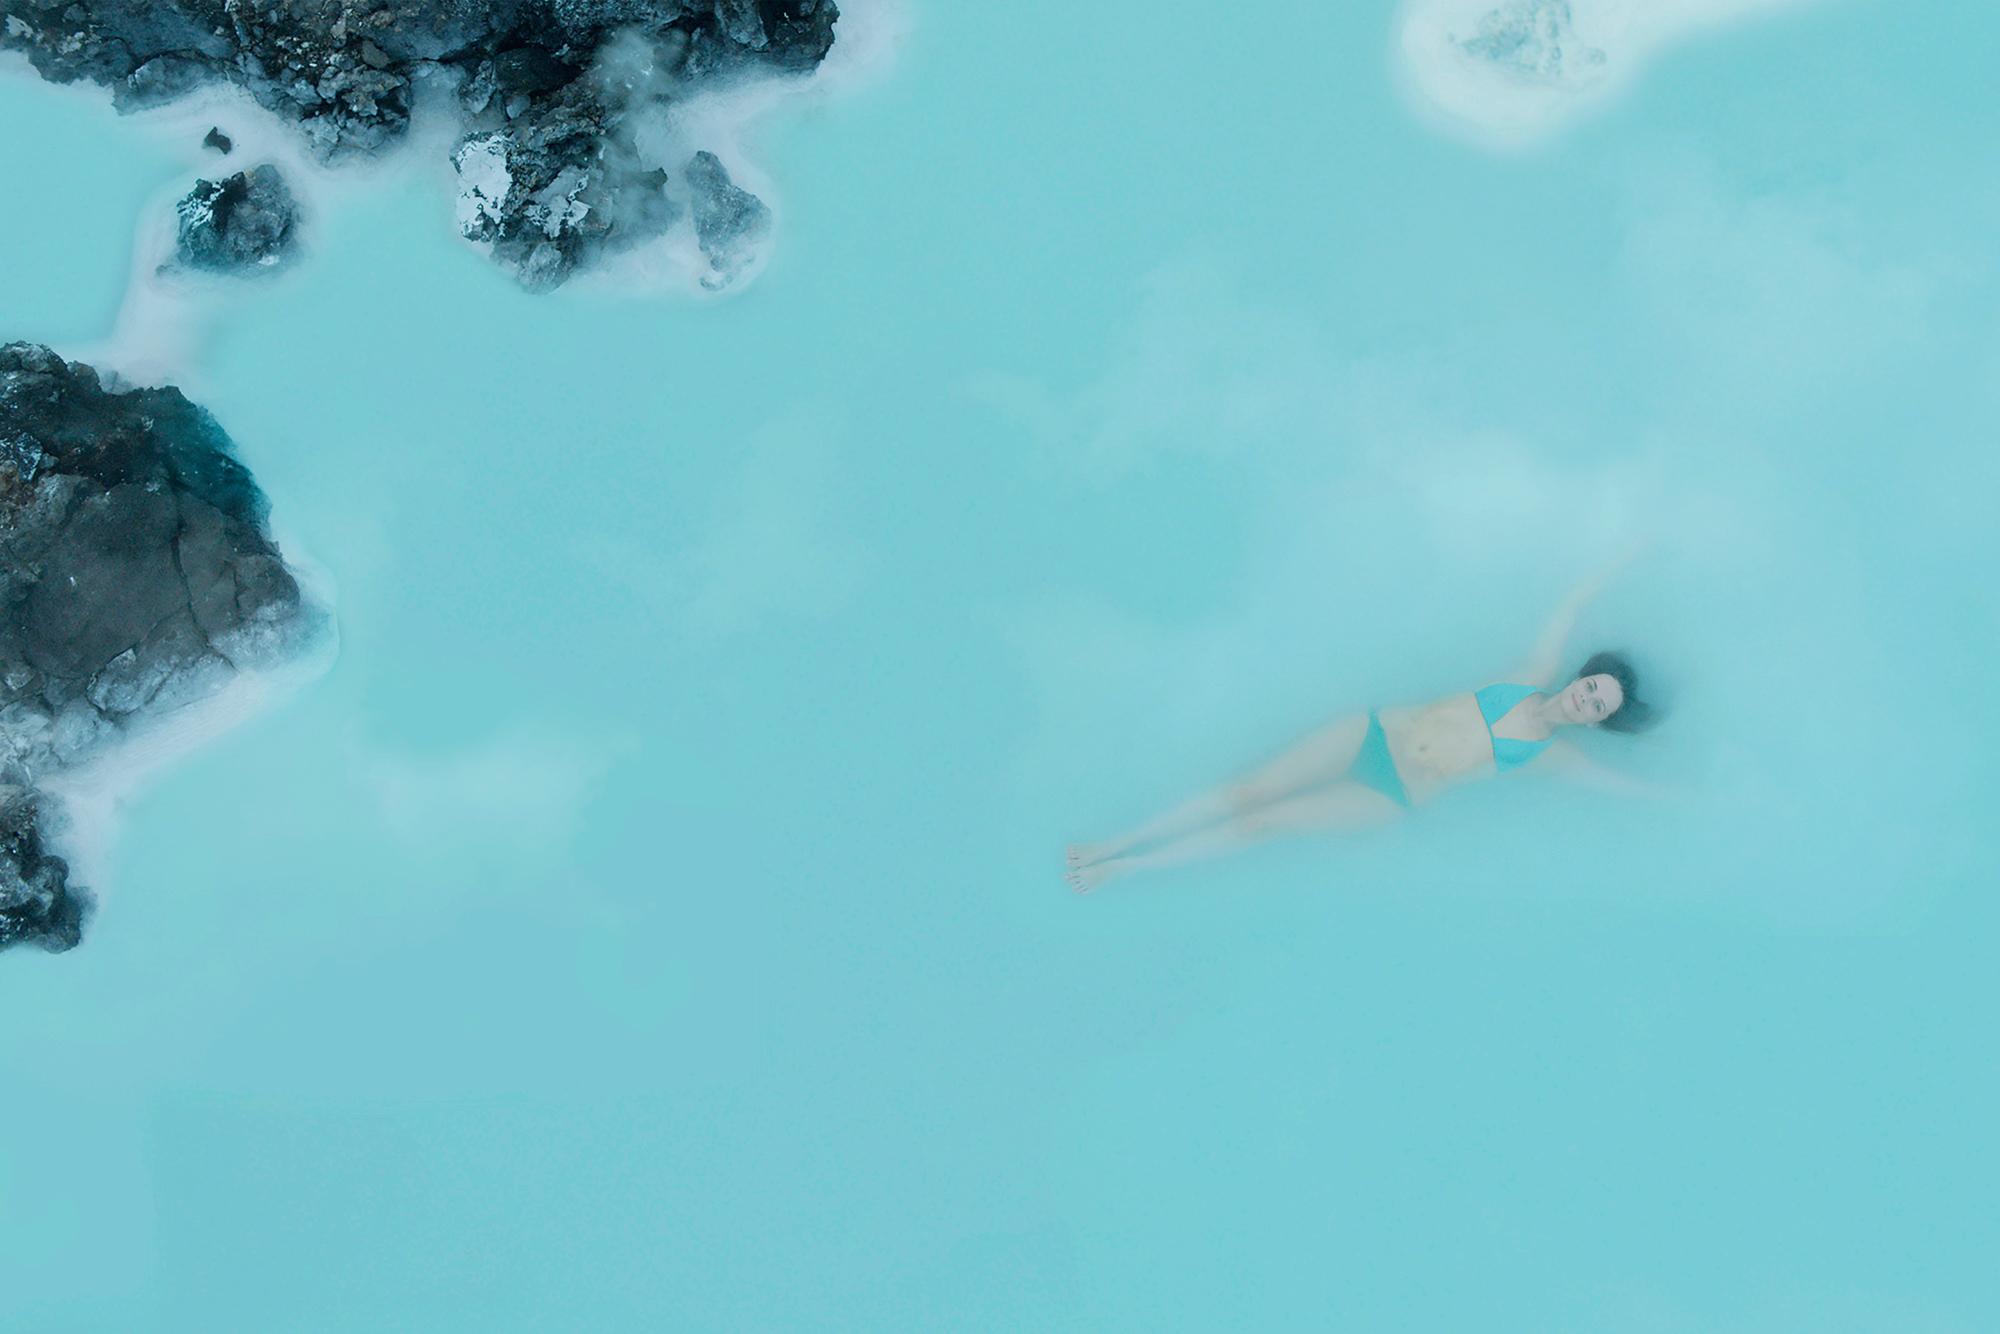 在冰岛蓝湖温泉富含矿物质的泉水中,洗去旅途的疲惫